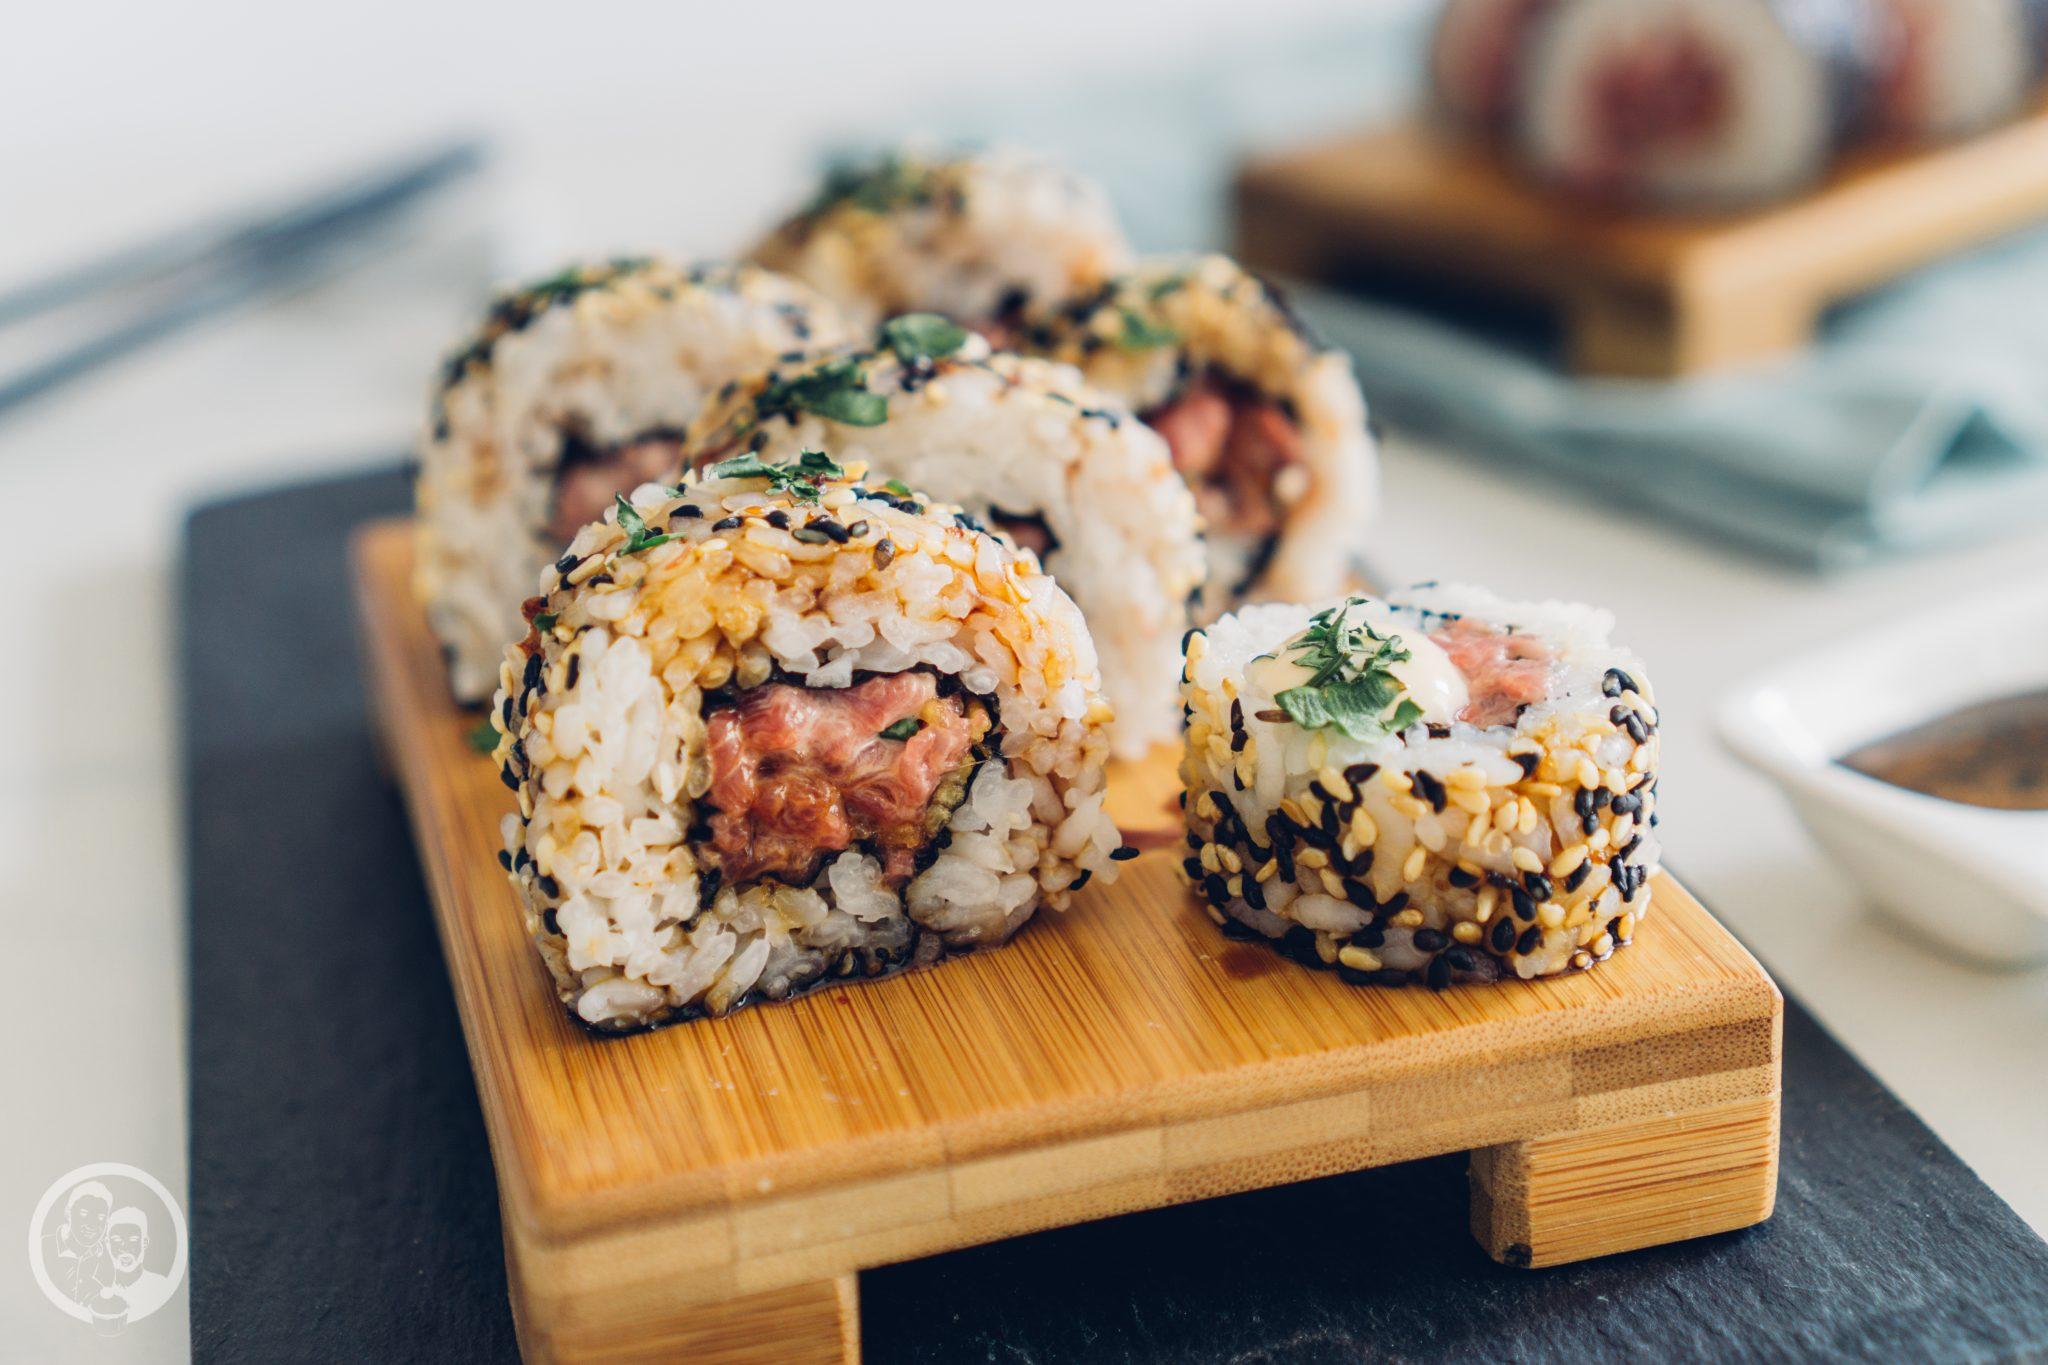 Schräg Sushi Tartar